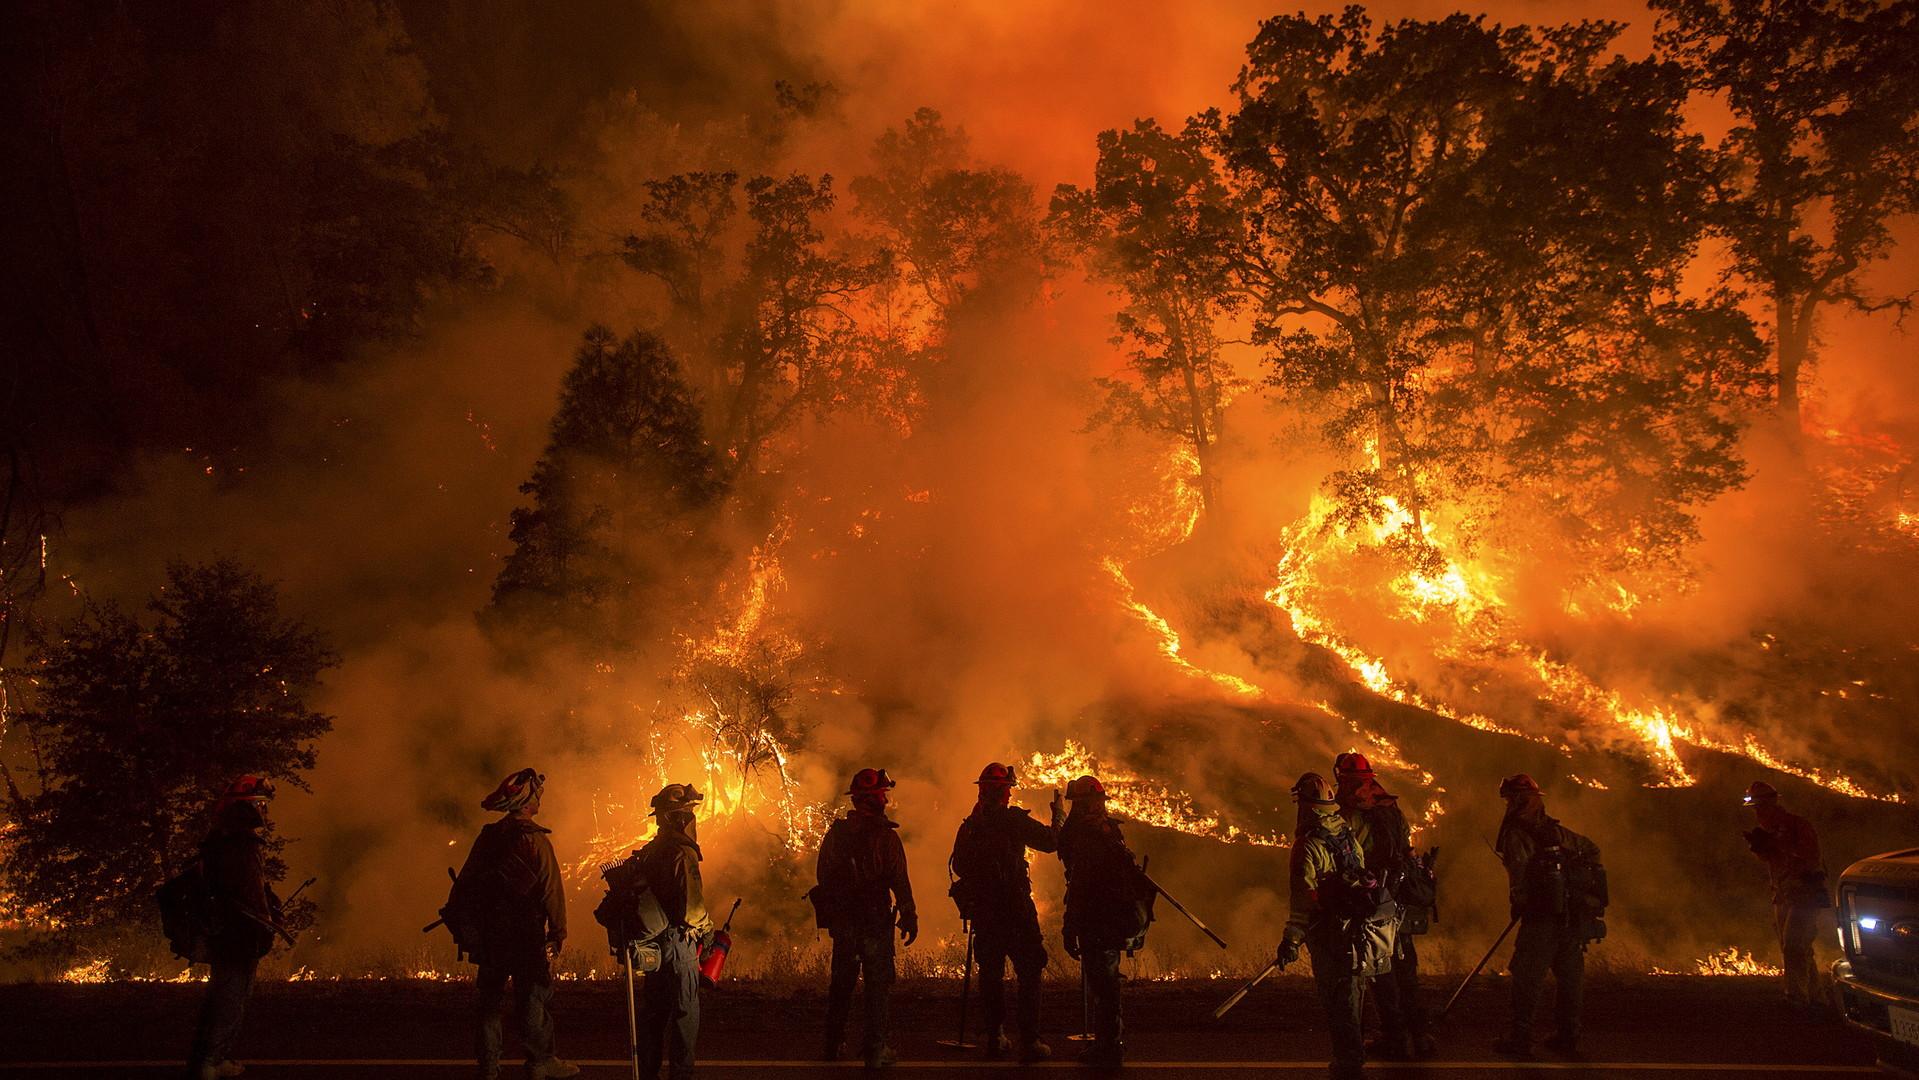 De grands incendies de forêt en Californie ont tué une personne alors que les pompiers ont bien du mal à lutter contre le feu qui gagne du terrain. Les photos montrent des forêts en feu et des maisons complètement détruites par le feu dévastateur.